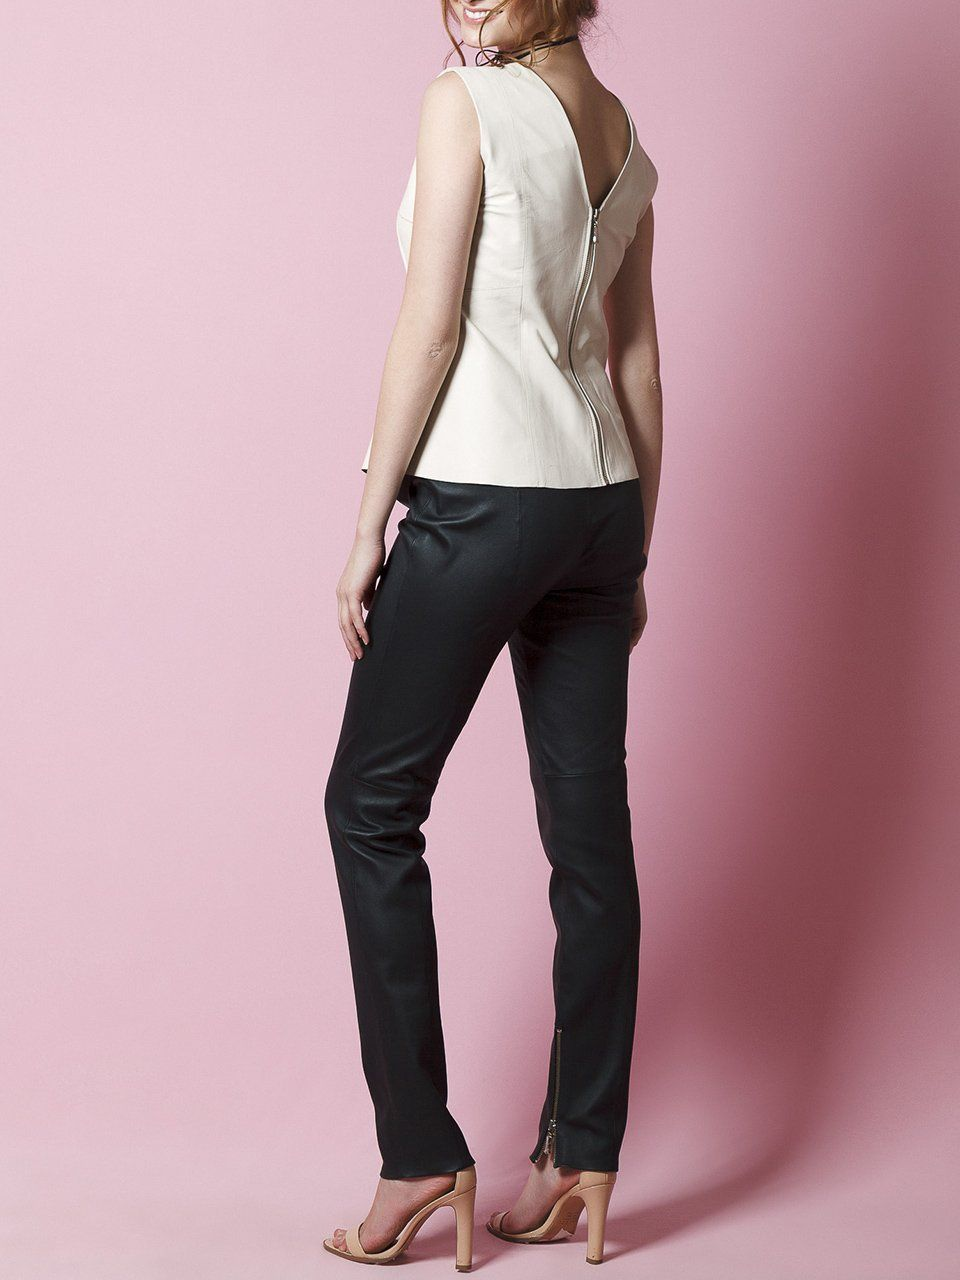 Calça Skinny em Couro Strech - Liziane Richter